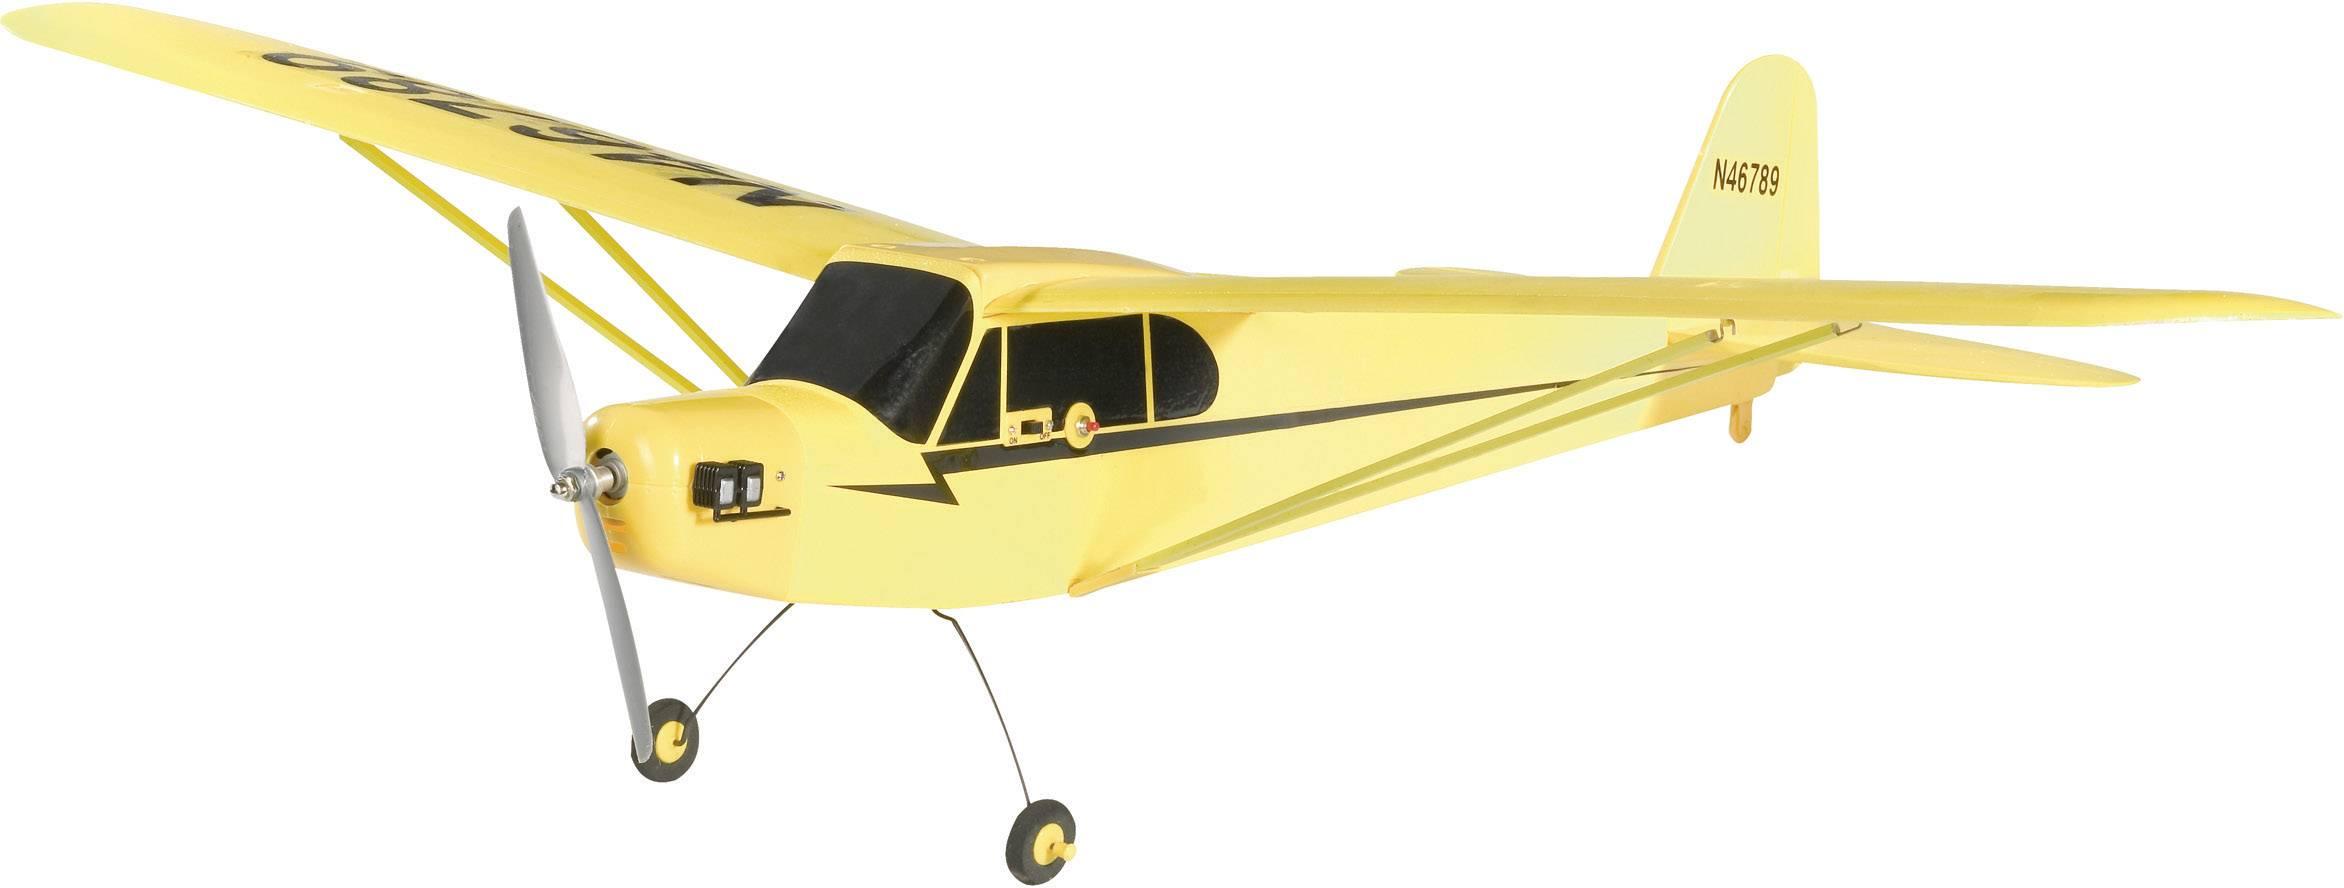 RC model motorového lietadla Reely Piper J-3 Cub, RtF, 955 mm